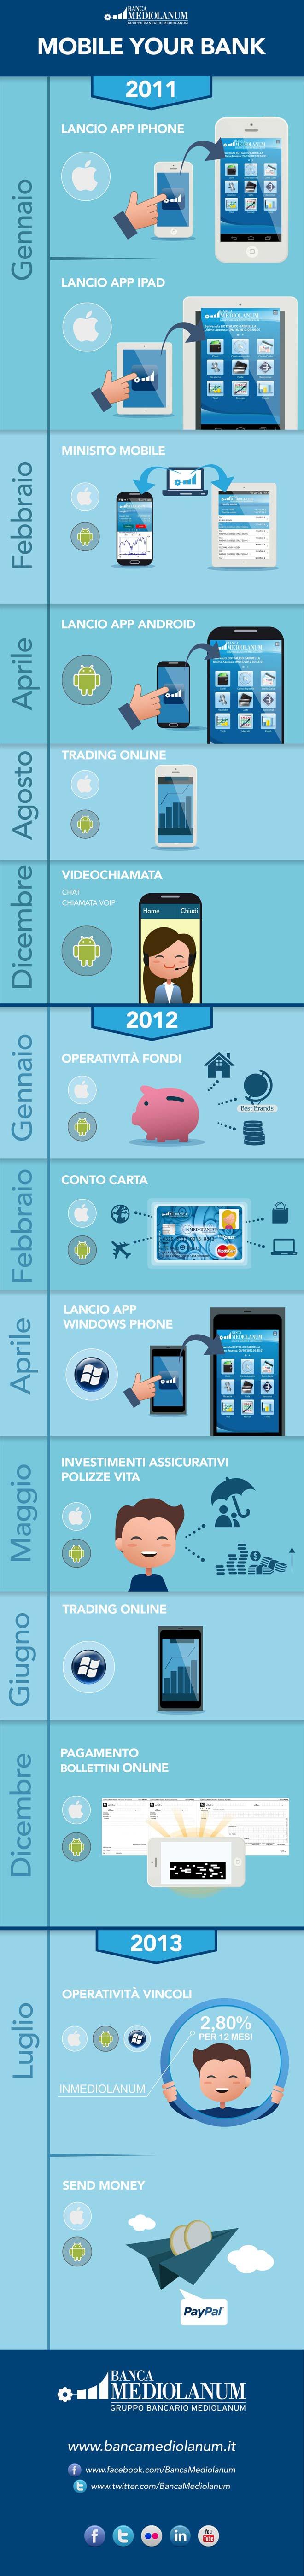 banca-mediolanum-send-money-infografica